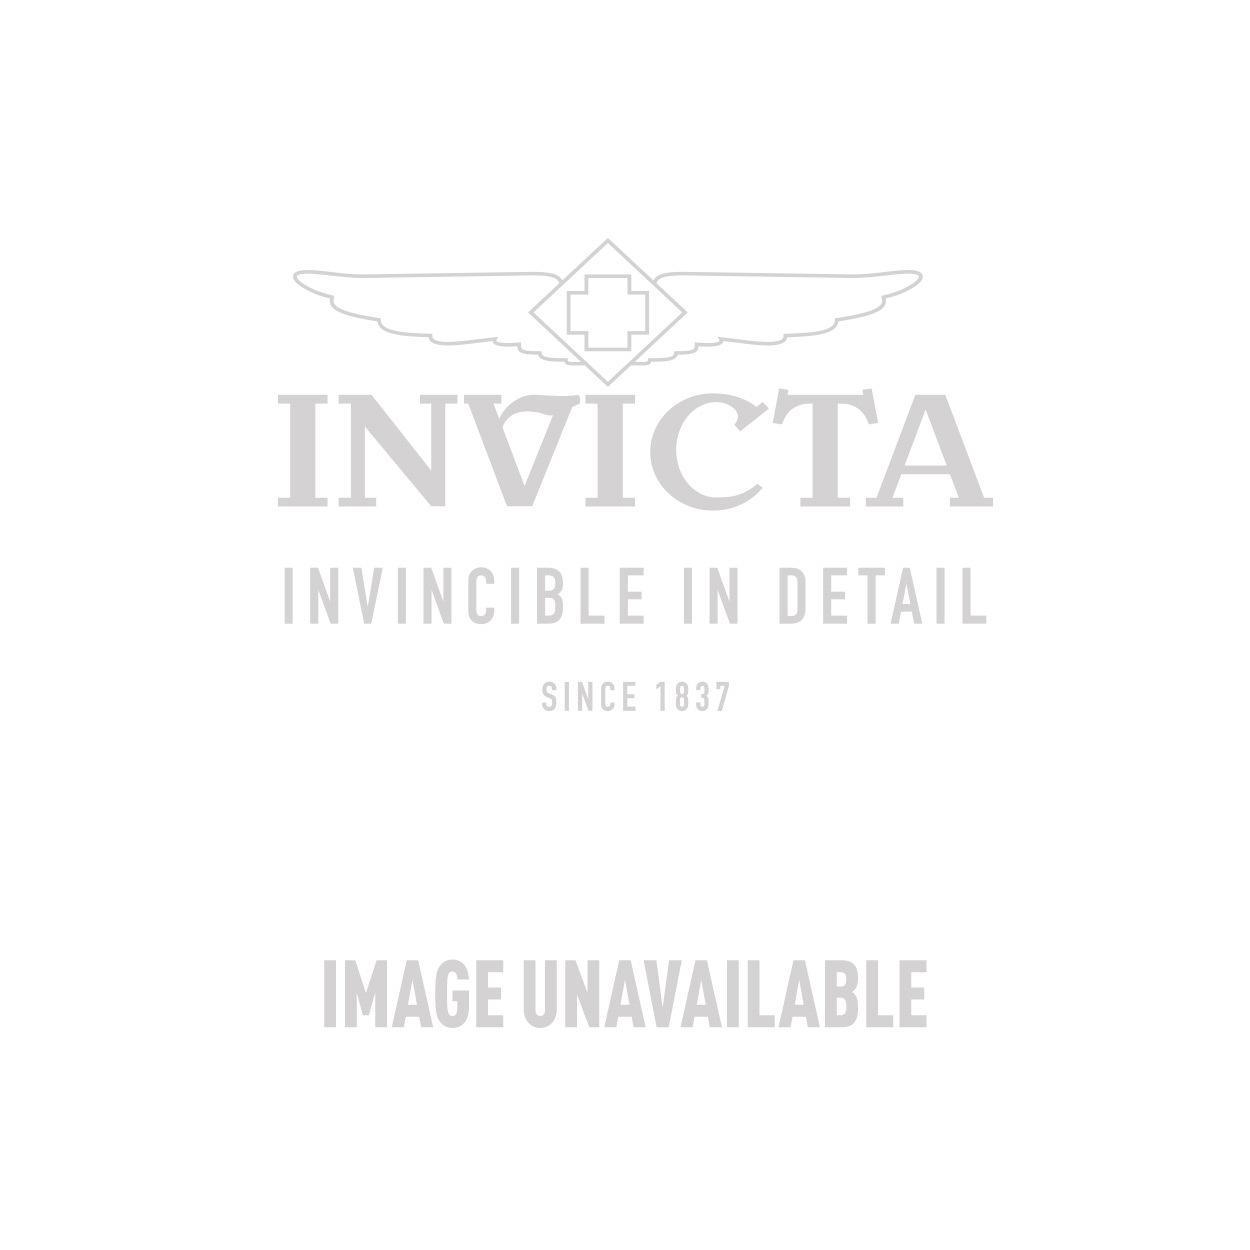 Invicta Model 25031